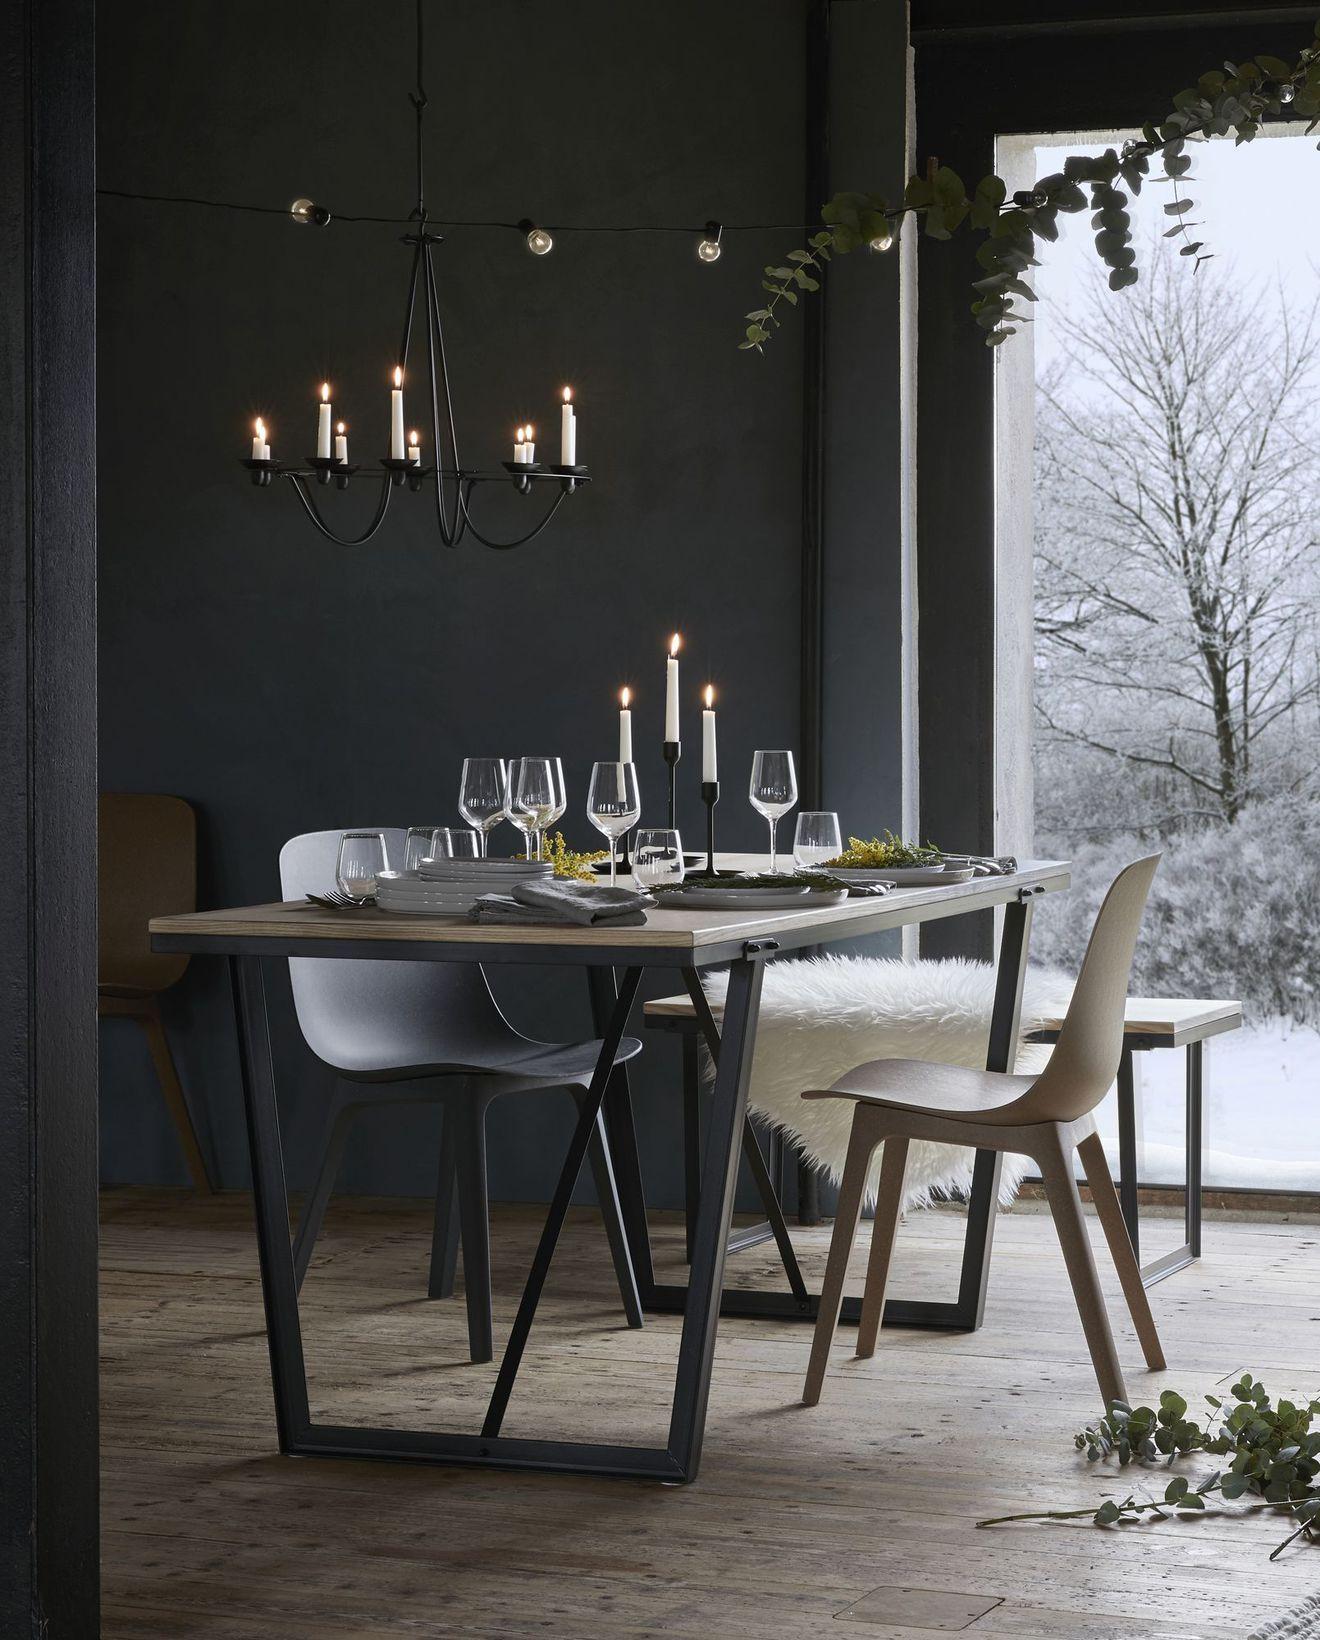 Impressionnant De Tableau Scandinave Ikea Schème